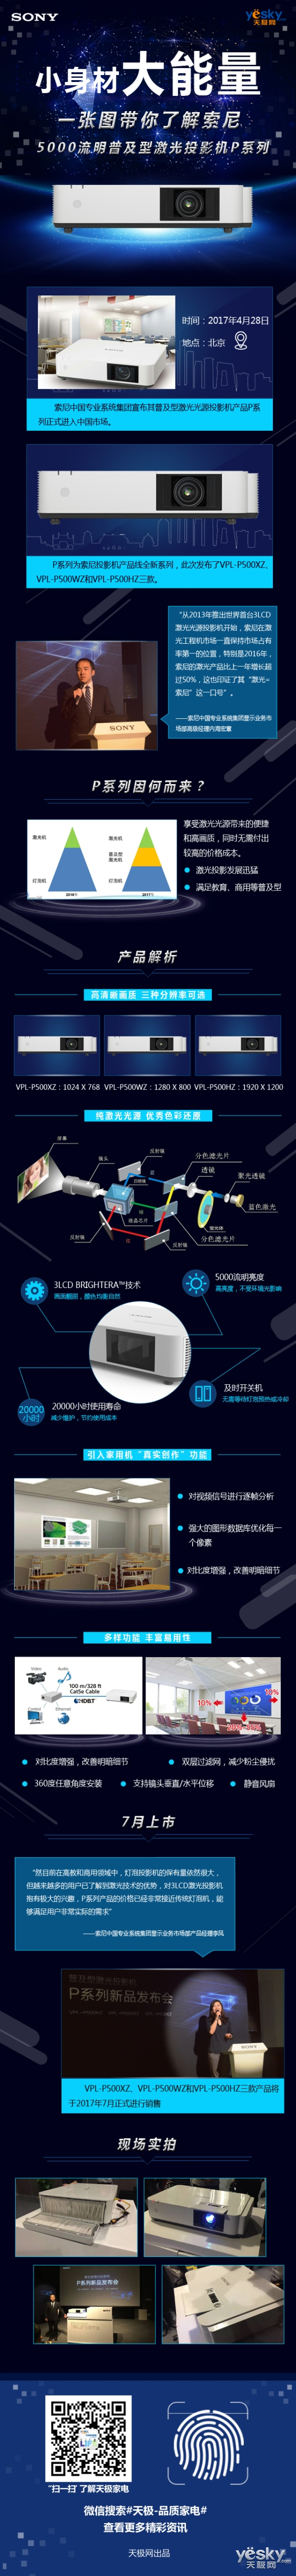 5000流明 索尼推普及型激光投影机P系列新品